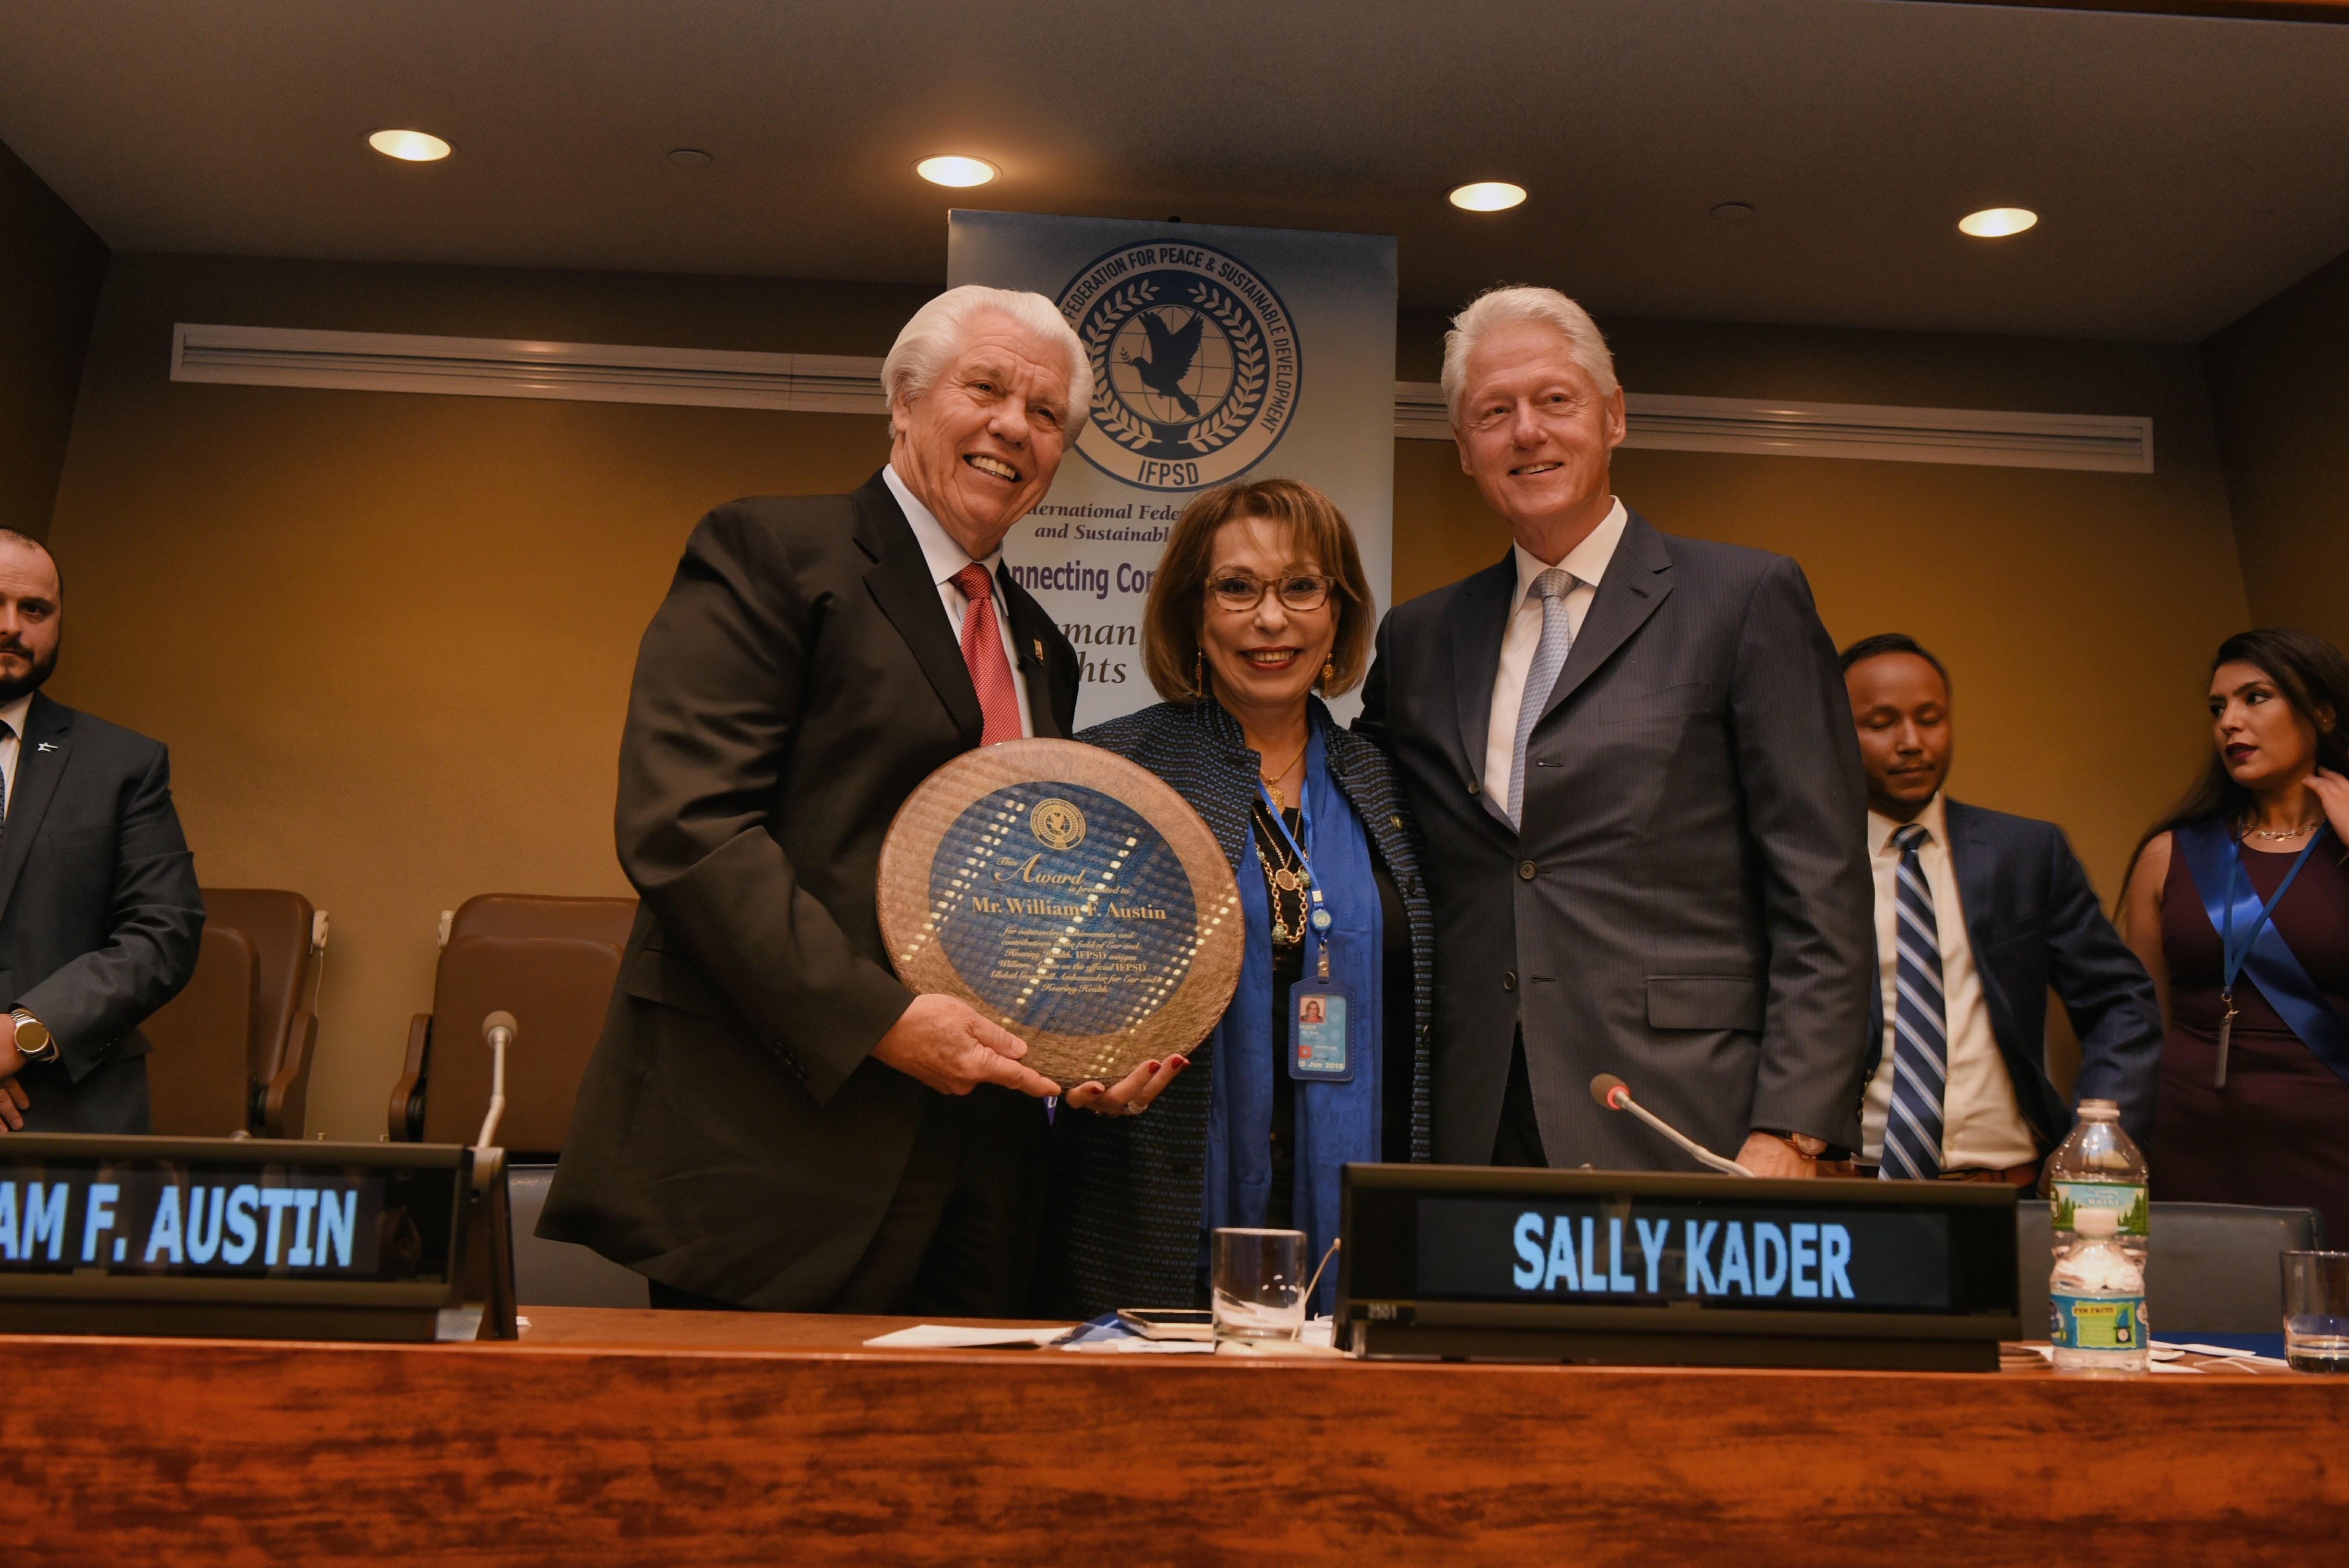 【本社情報】スターキー創設者兼CEOのビルが聴覚ヘルスケアのための国際親善大使に任命されました!